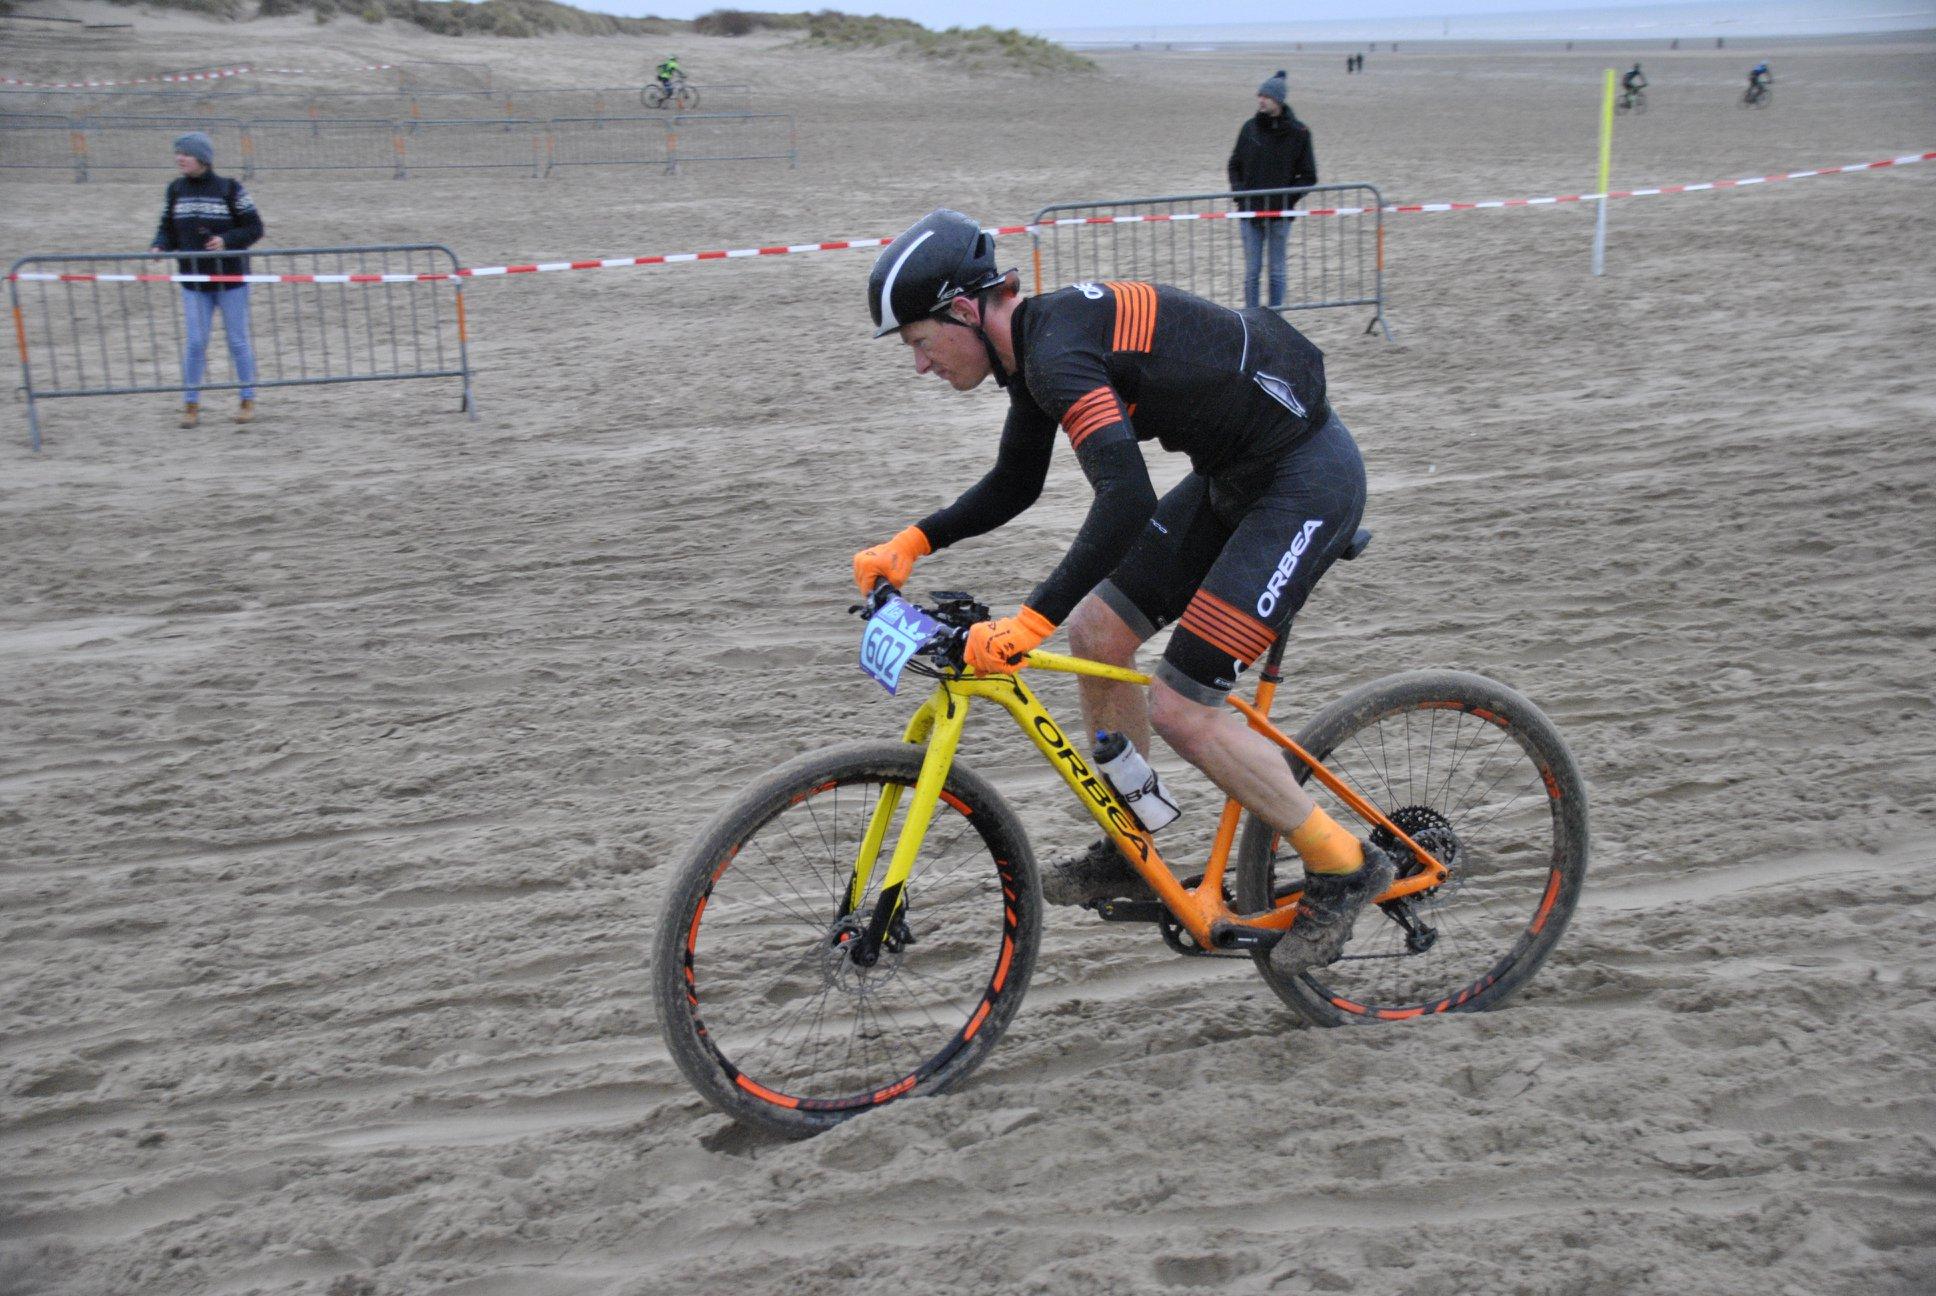 Seppe Odeyn is King of the Beach in Oostduinkerke